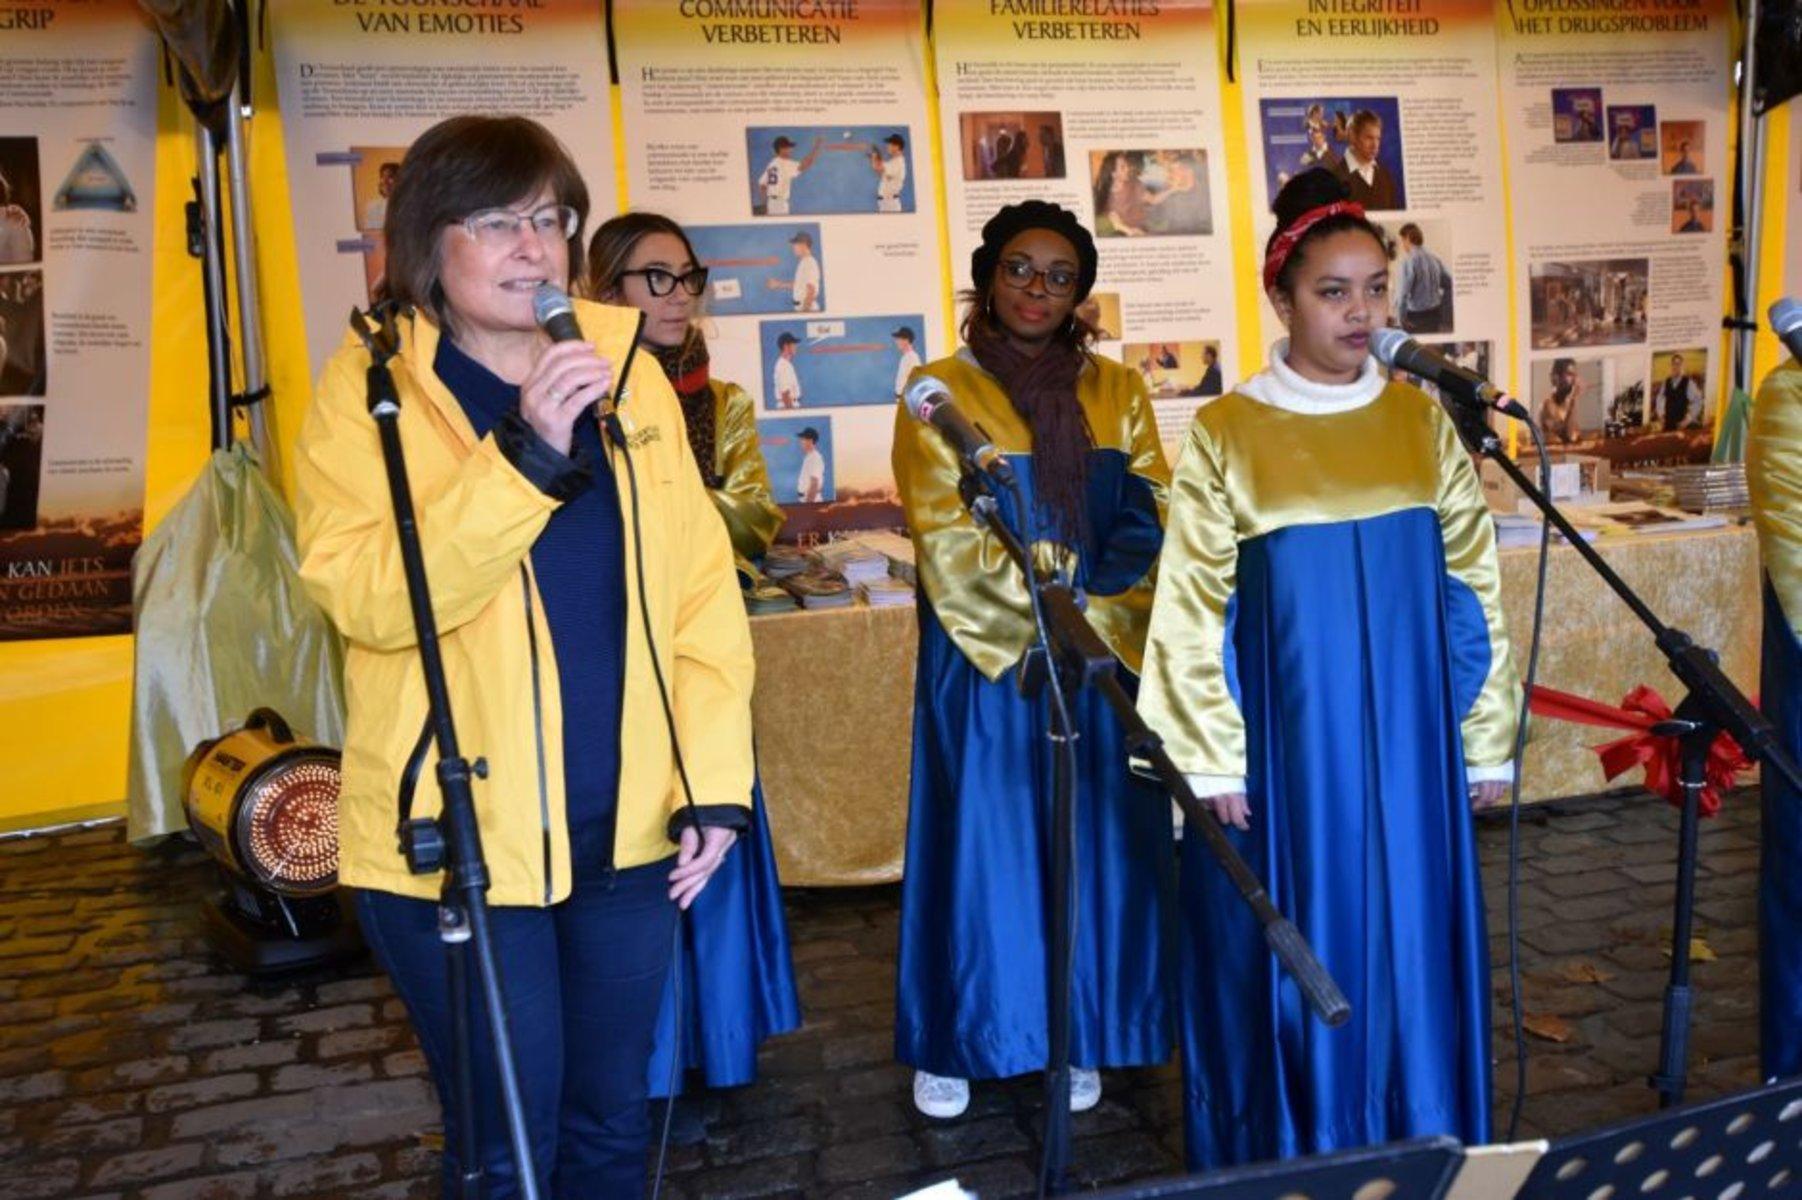 Les ministres bénévoles de Scientology se sont posés à Anvers